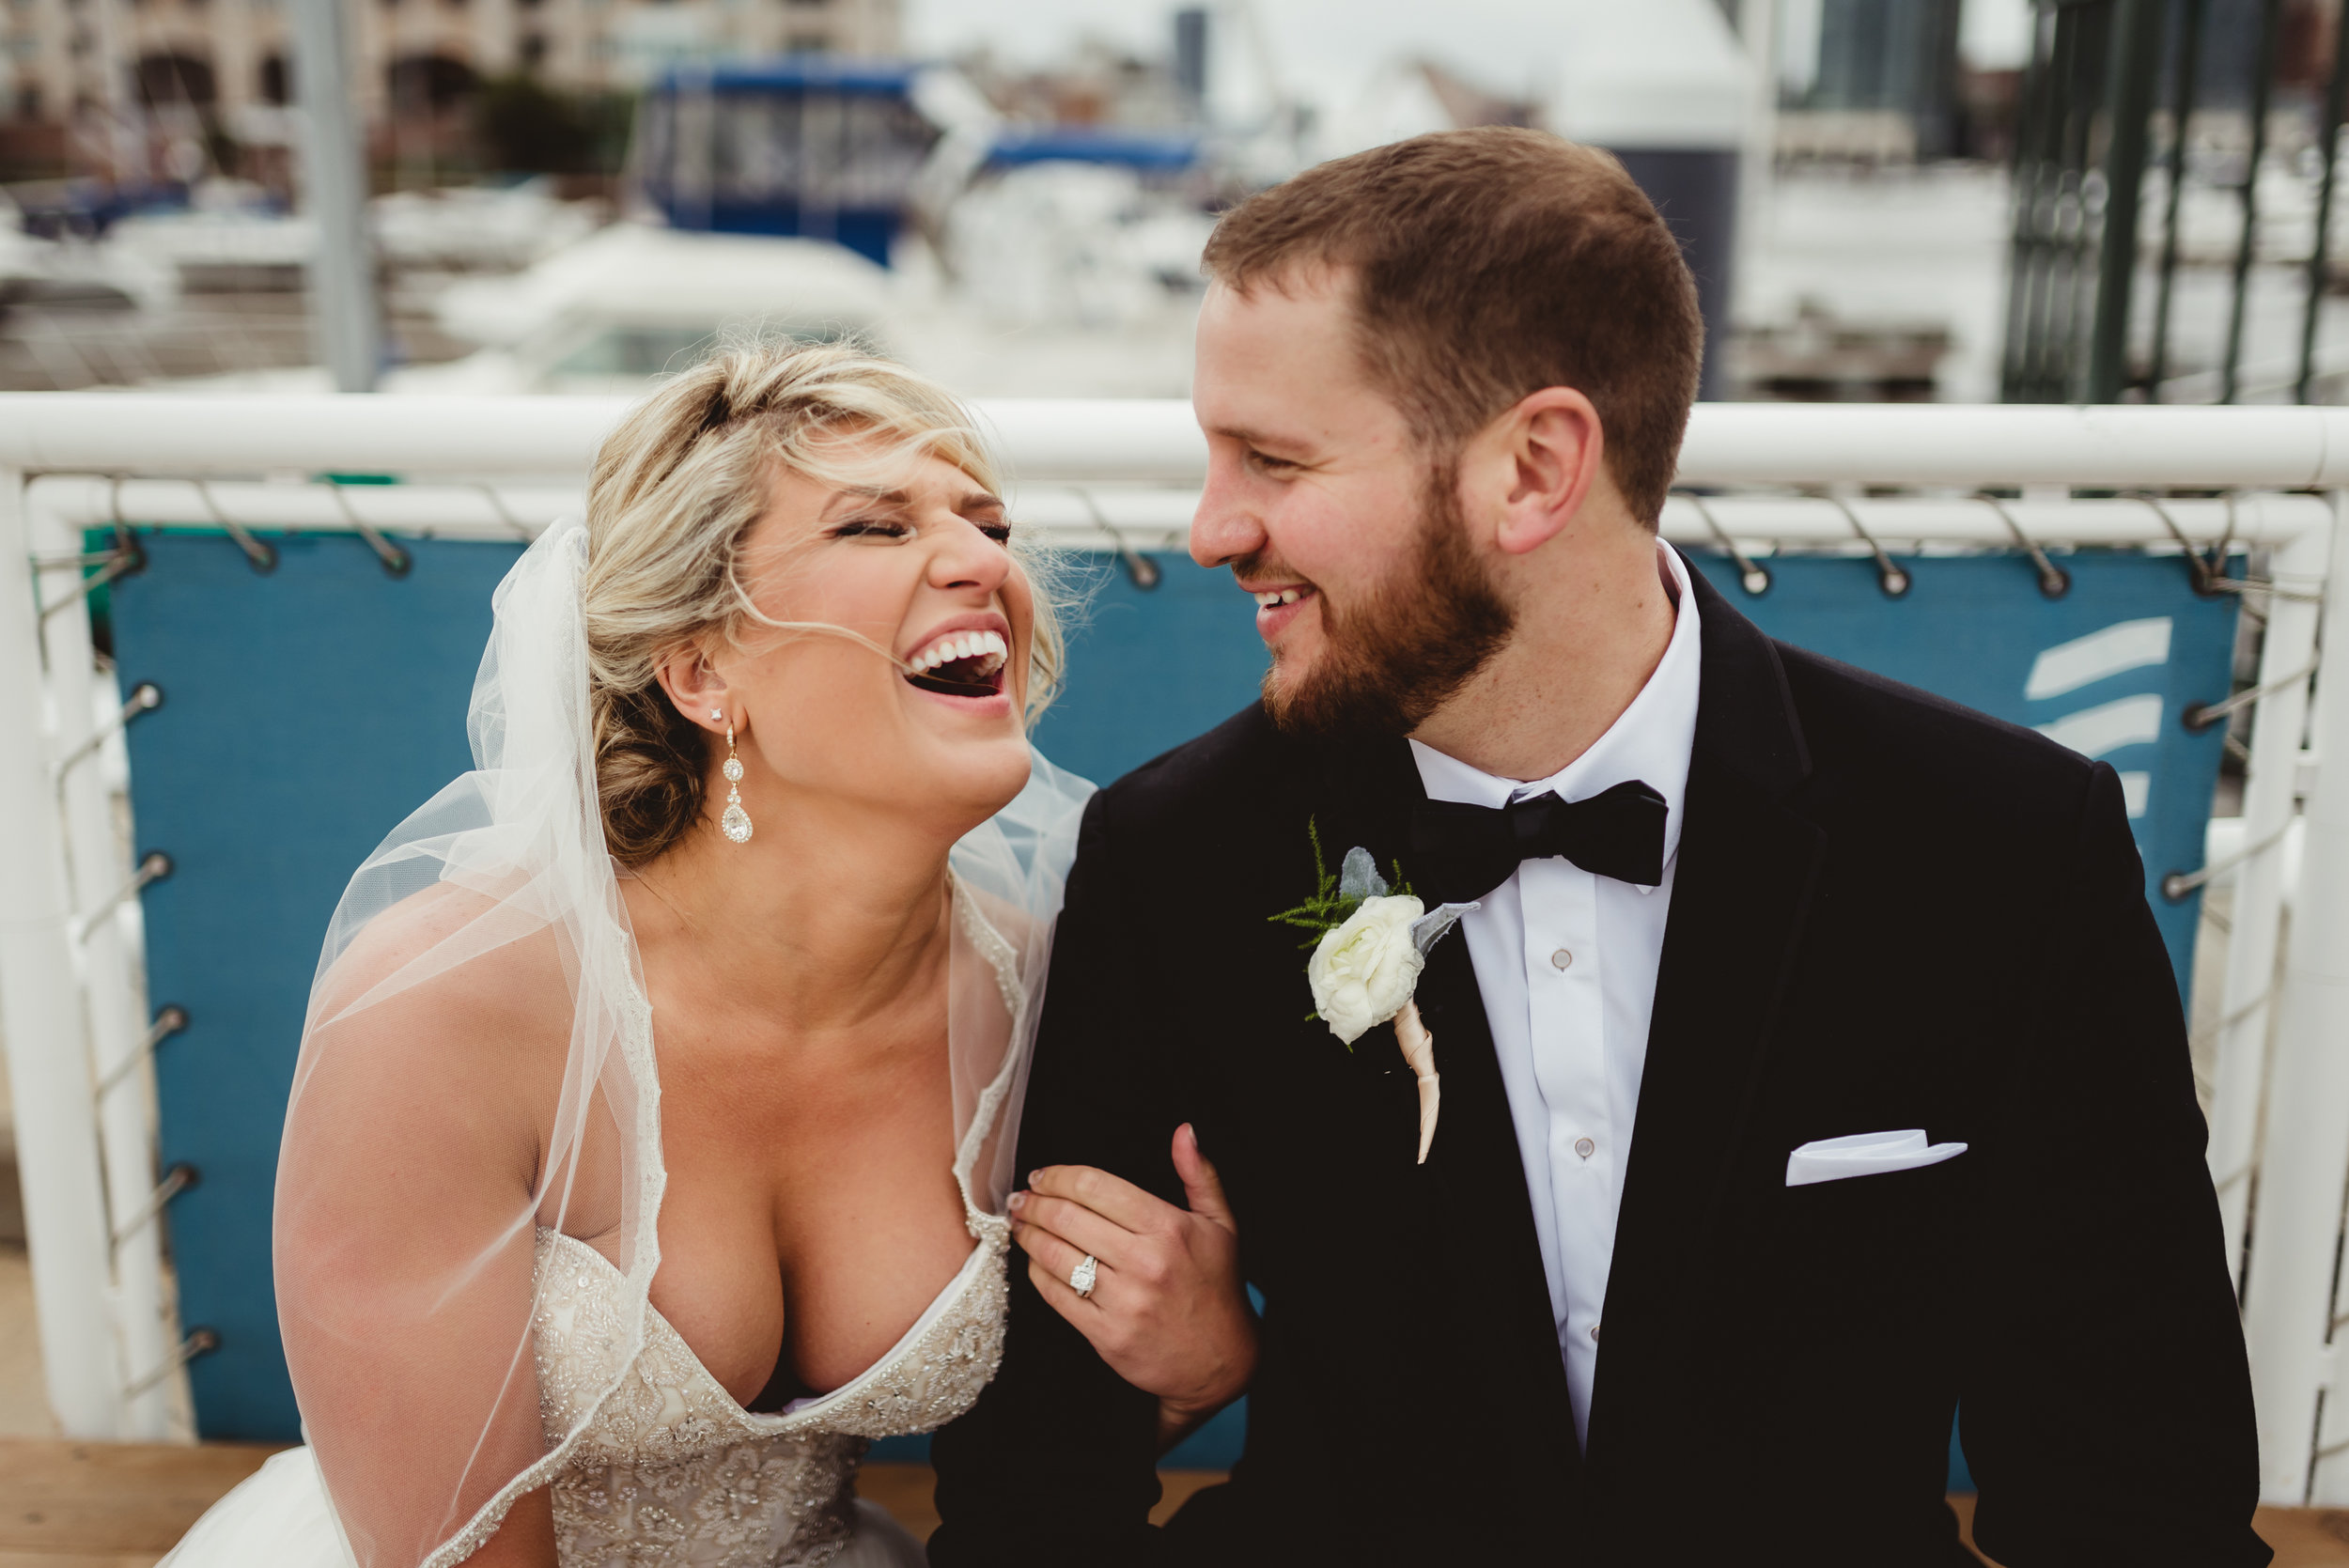 brittney-nestle-wedding-photography-tabrizis-gotsomski.jpg